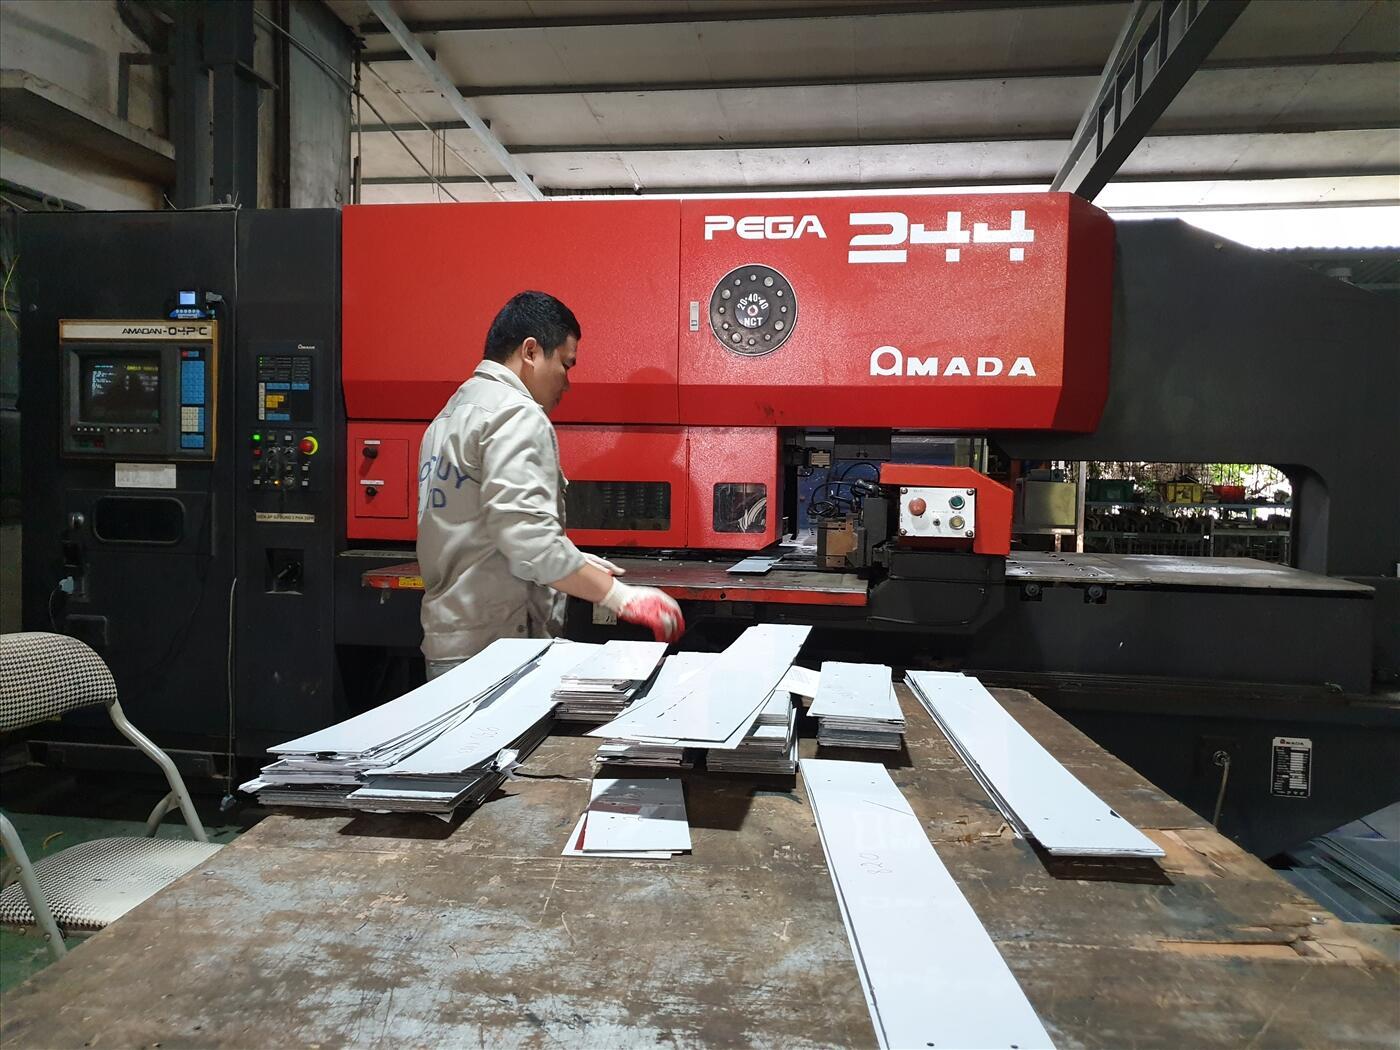 Máy đột CNC Amada Pega 244